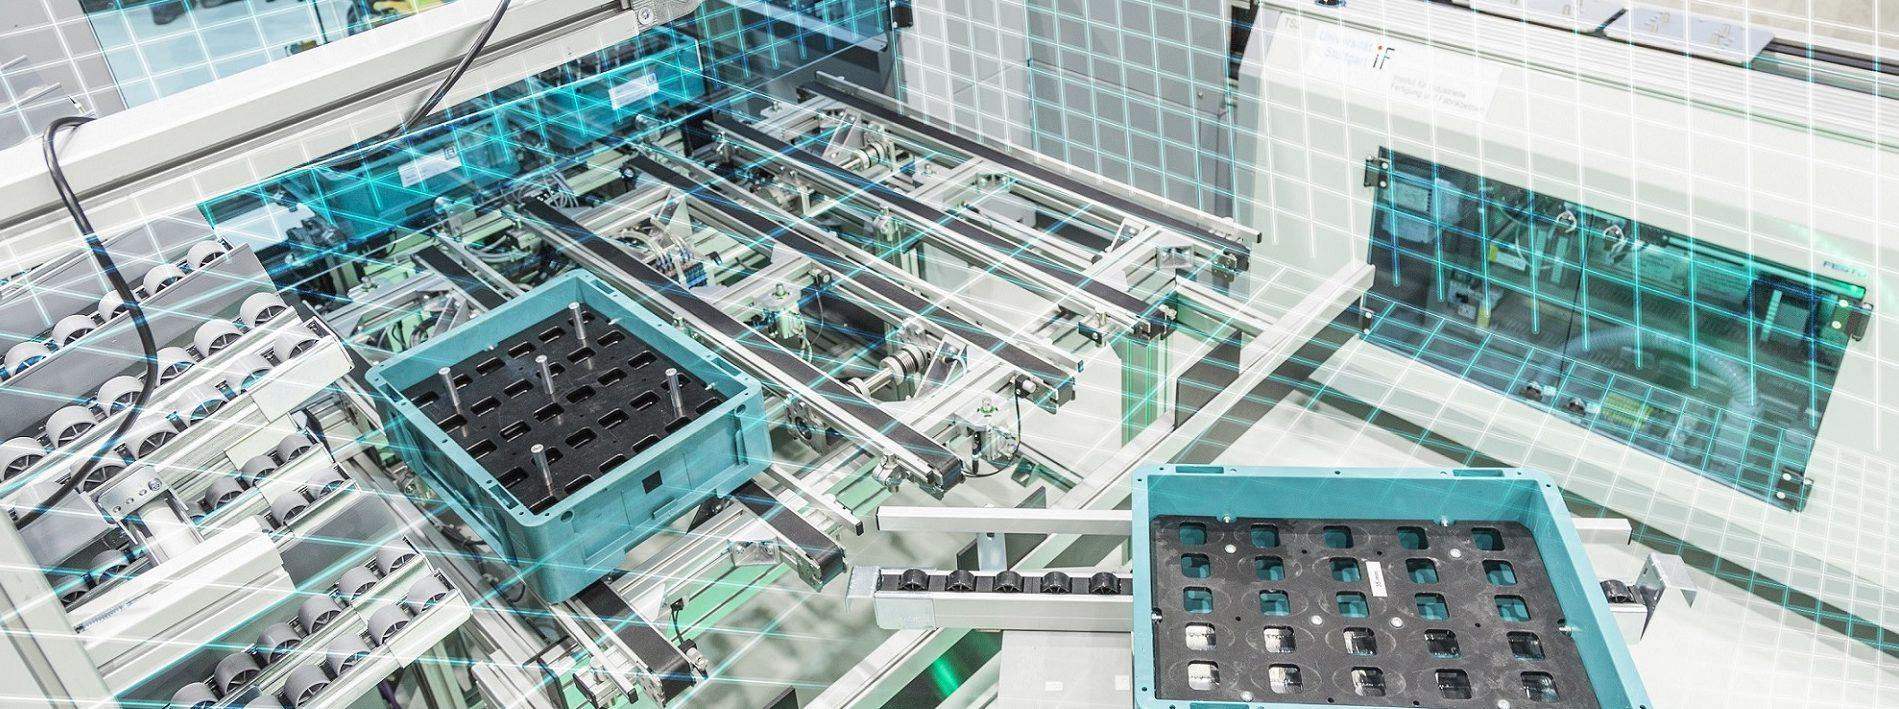 KI für die Umgebungserfassung und Optimierung von Produktionsprozessen.